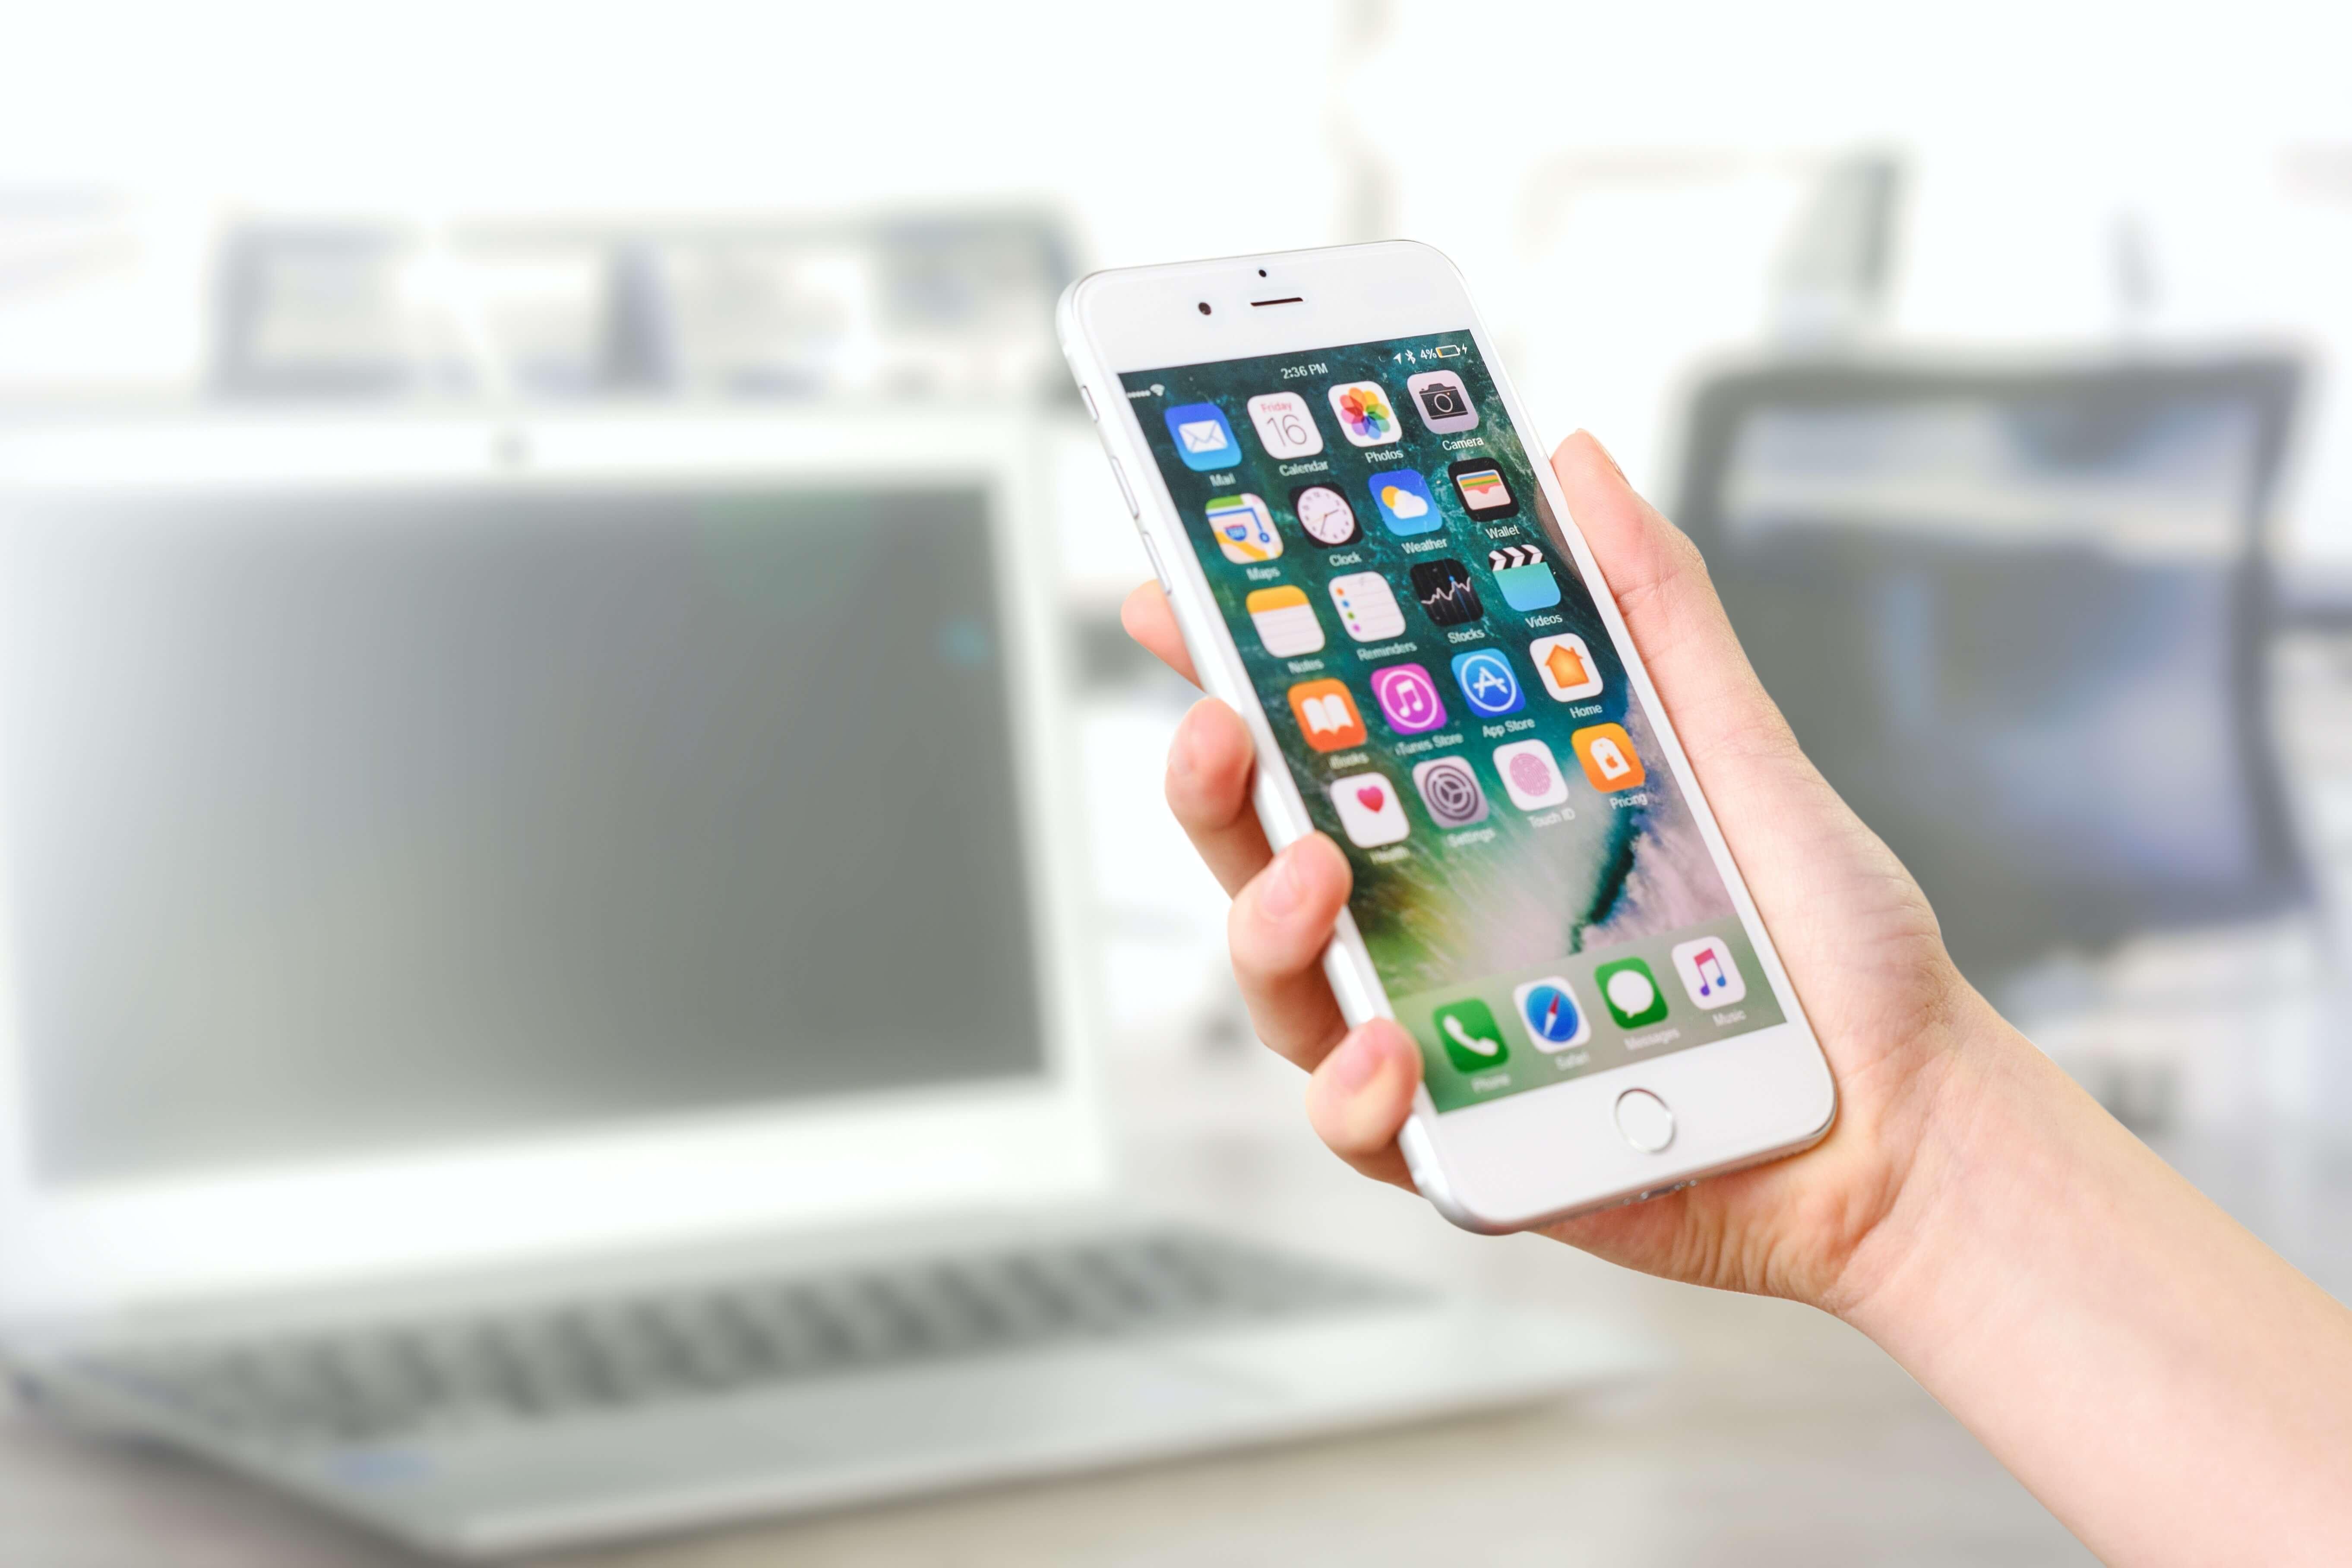 So sichern Sie die Bilder von Ihrem iPhone ohne Fehler